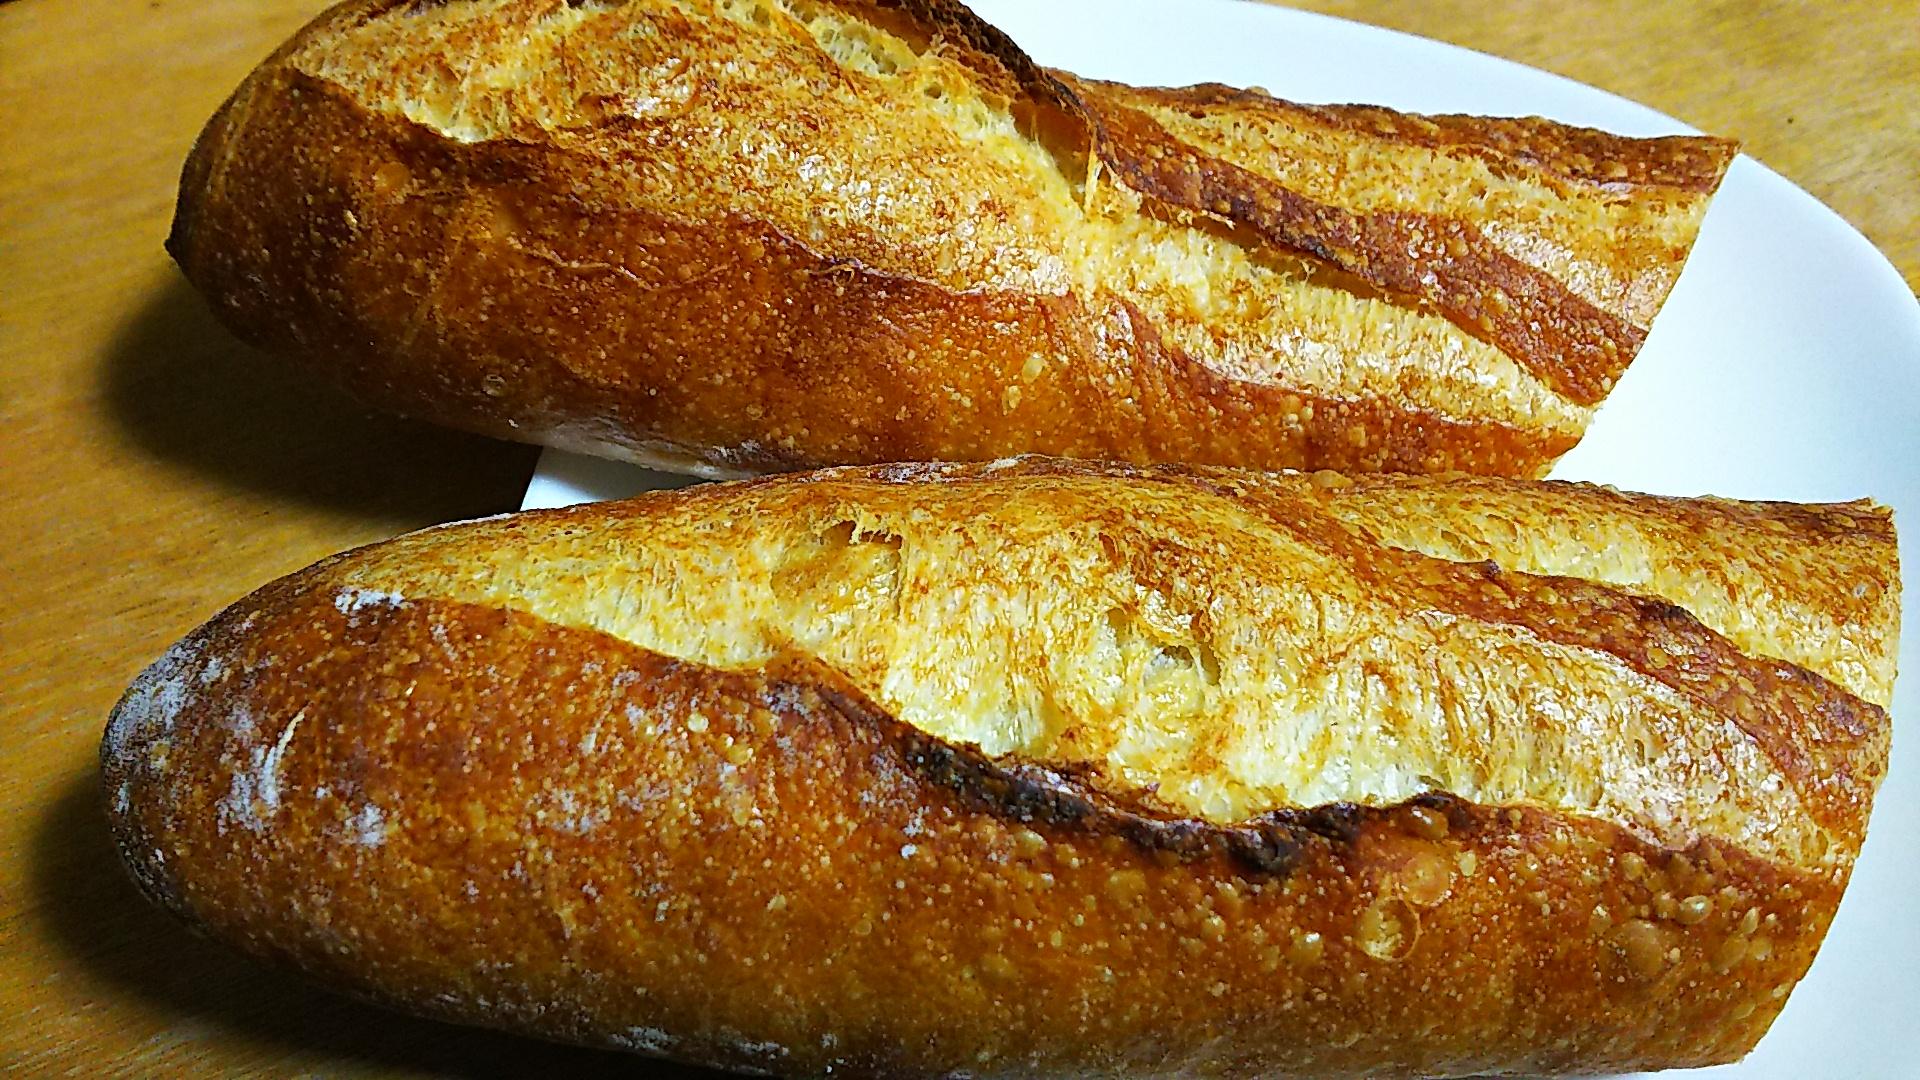 西梅田で美味しいと有名なブーランジェリーブルディガラのパンとは?